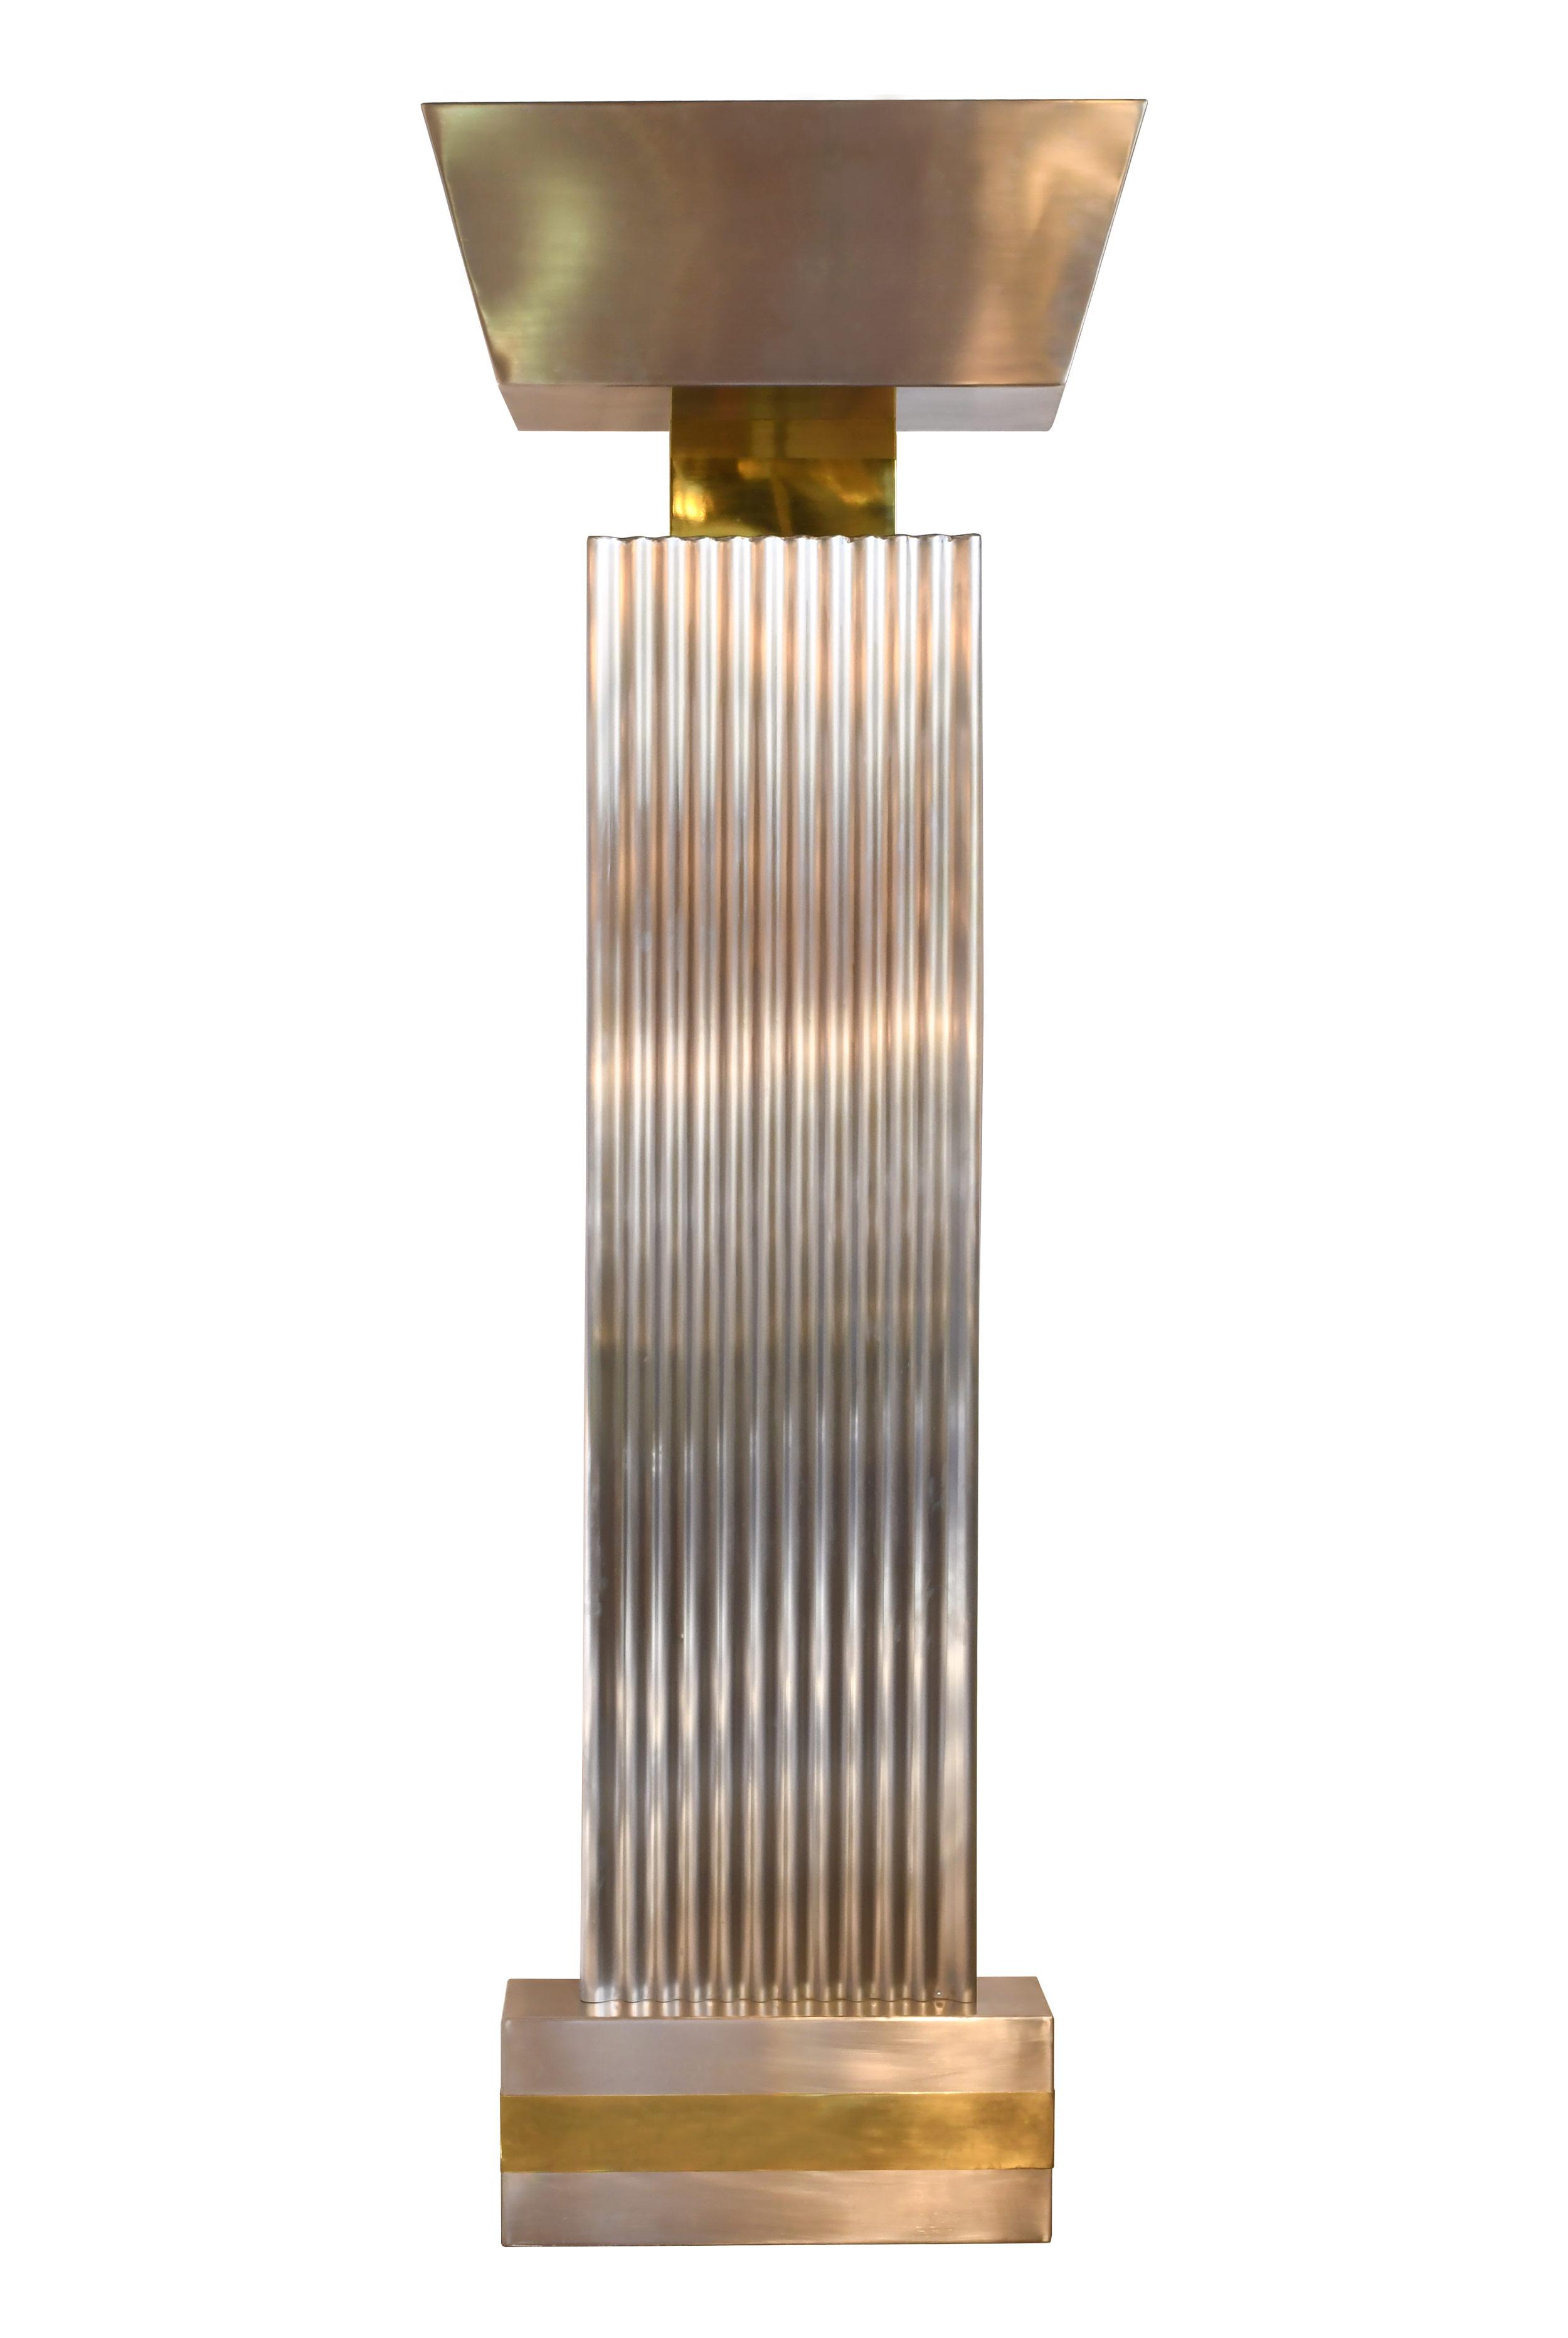 47579-modern-sculptural-wall-fixture-front-full-view.jpg